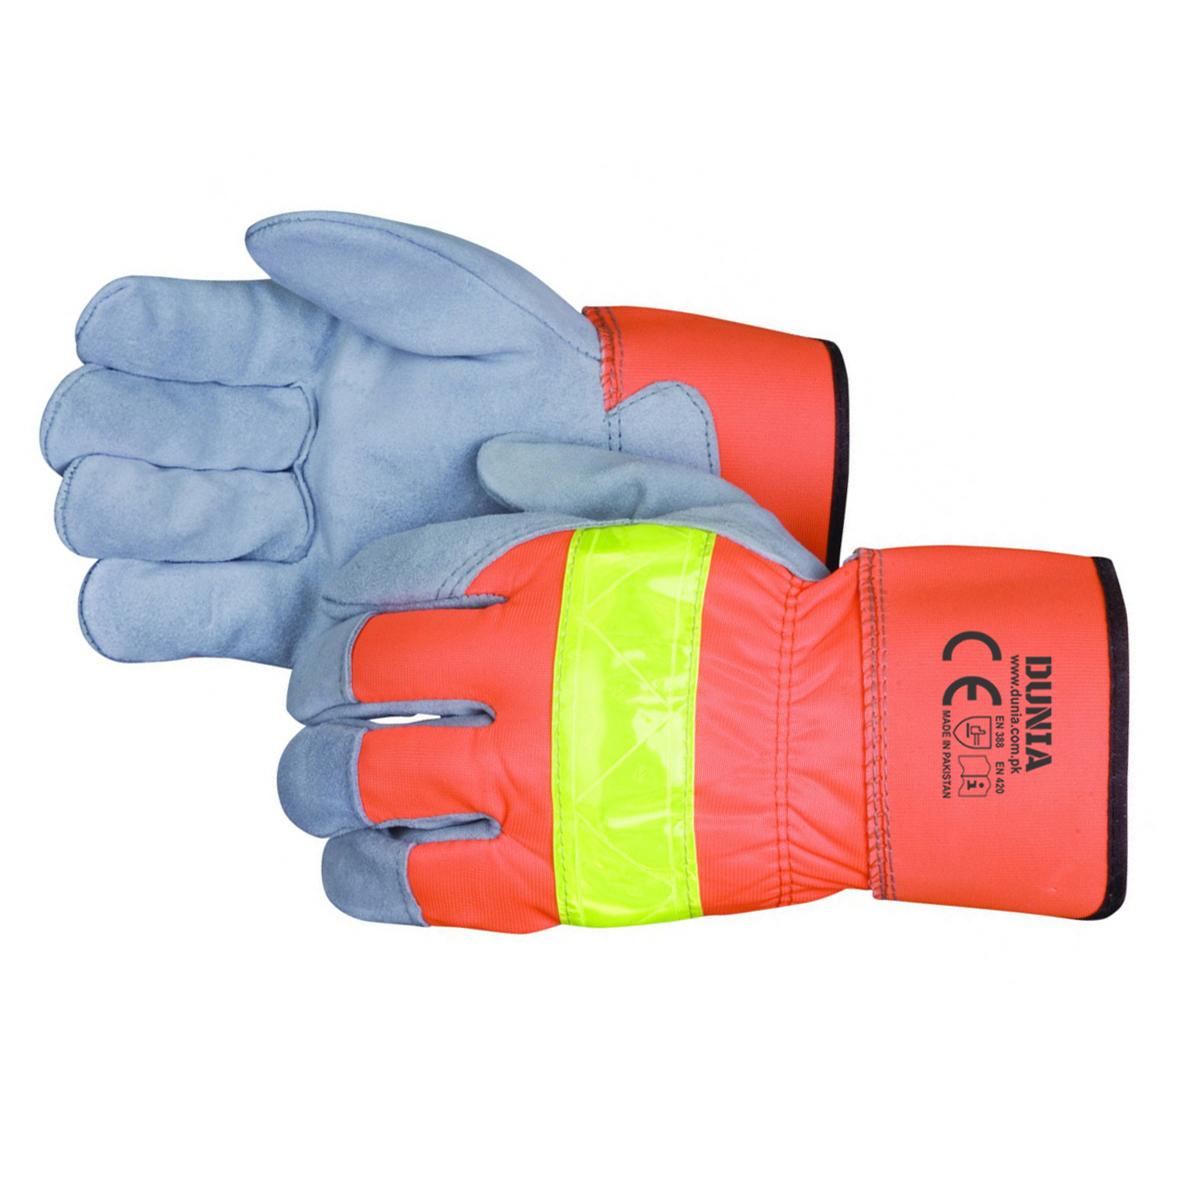 DTC-739 Hi-Vis Leather Work Gloves